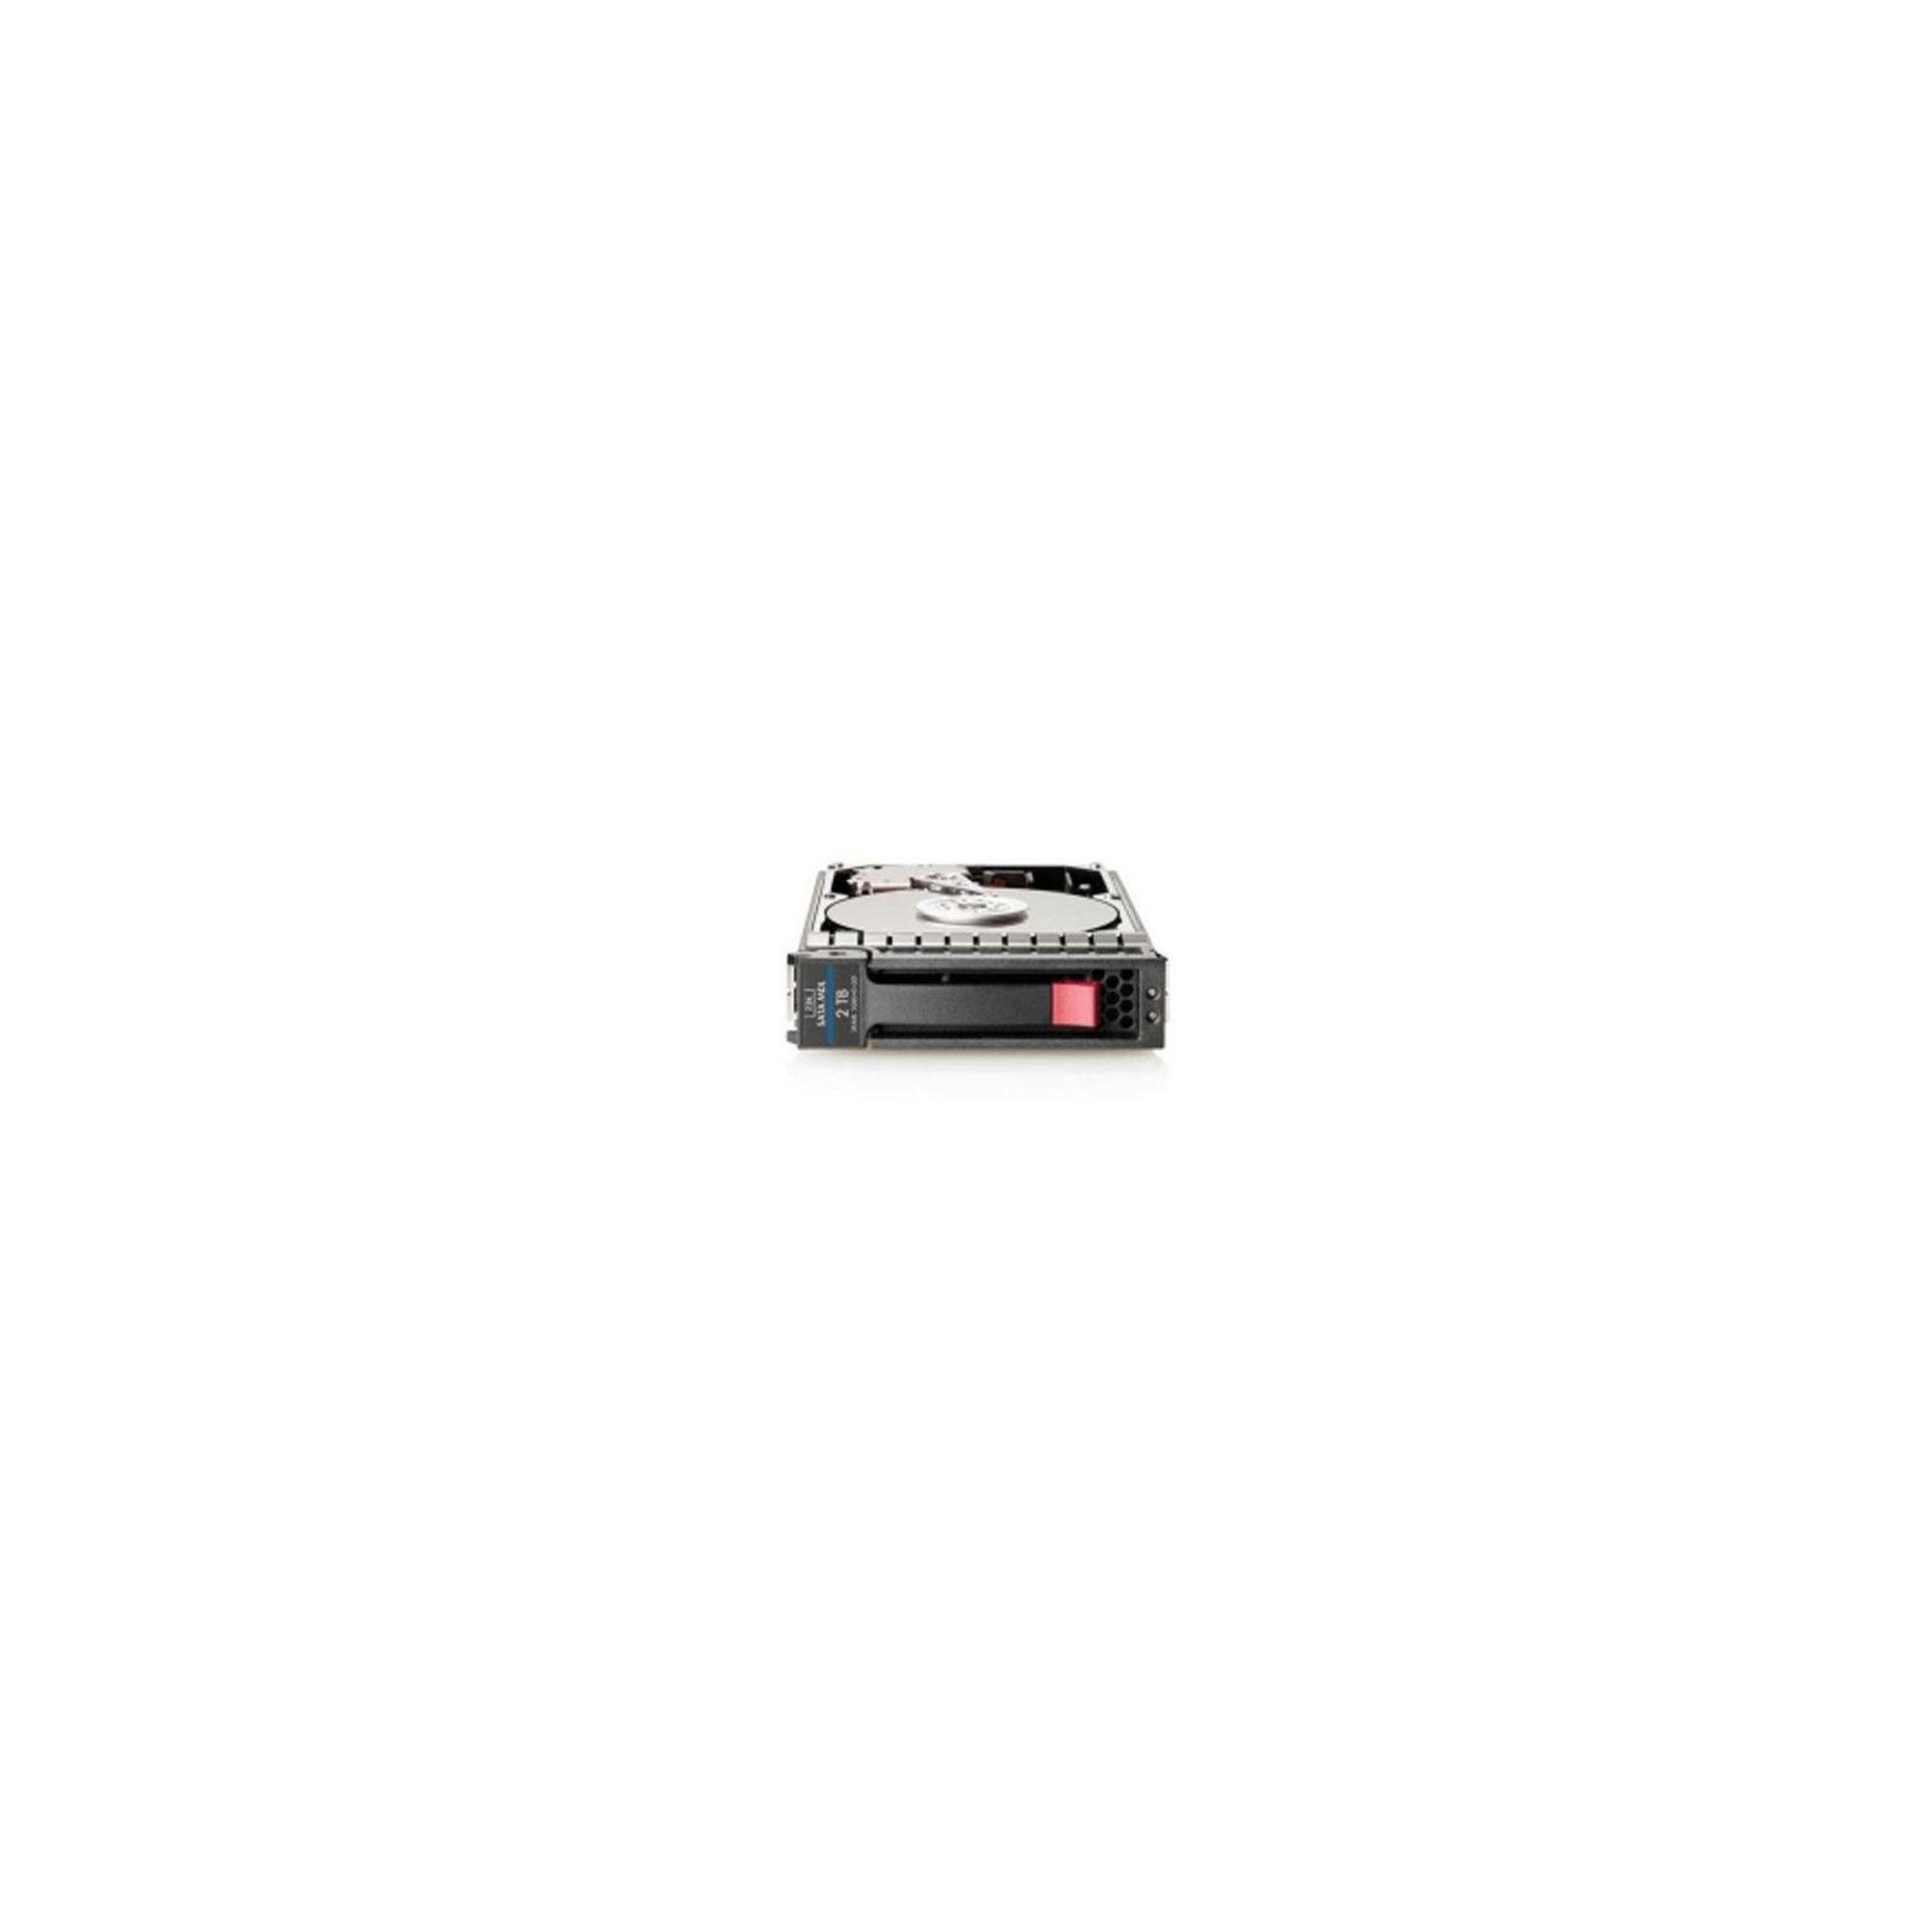 Hewlett-Packard StorageWorks P2000 2TB 3G SATA 7.2K LFF MDL Hard Drive at Tescos Direct